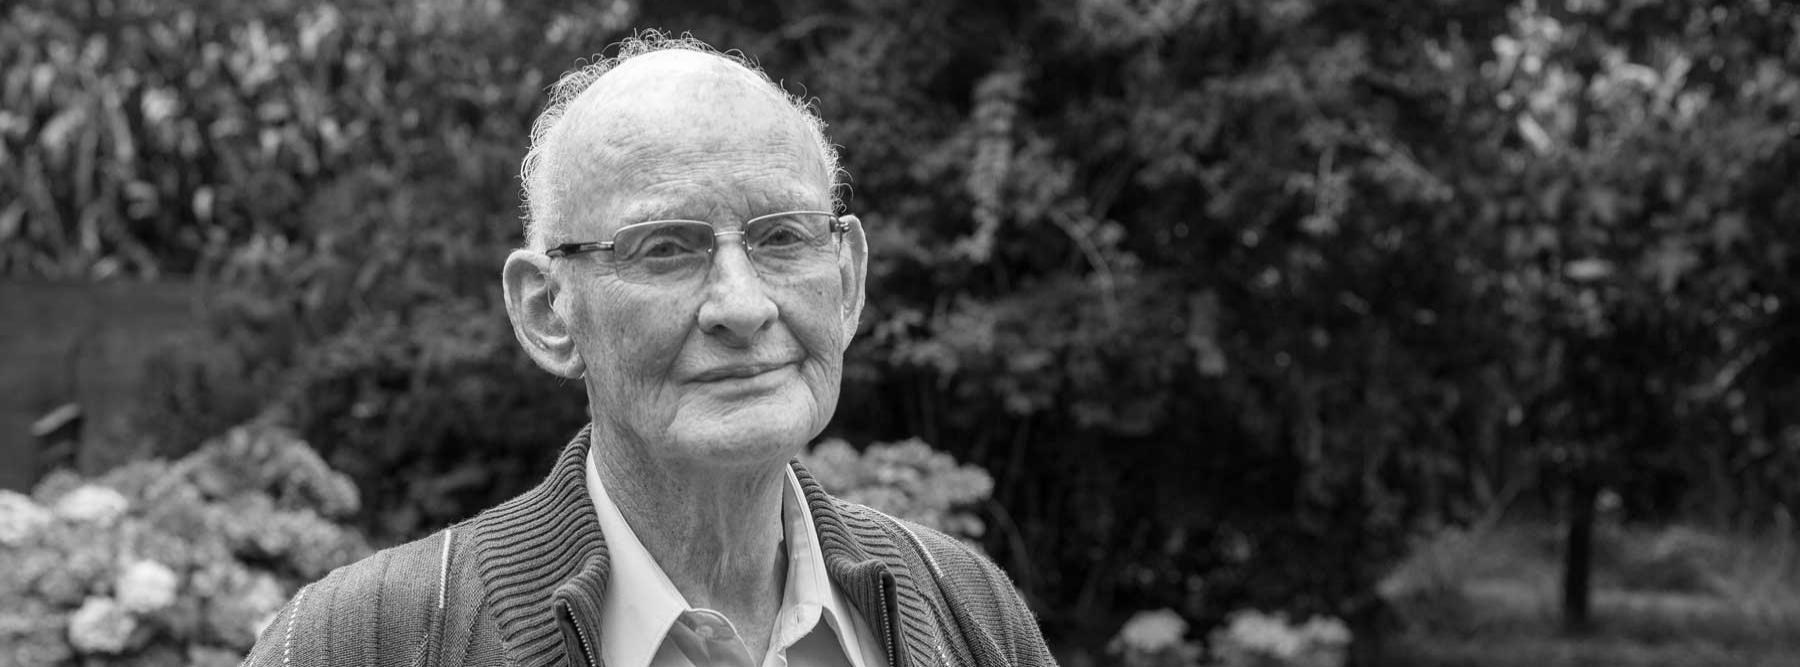 Otto Vaarkamp de oprichter van het bedrijf 'Vaarkamp' - Foto: ©Jan van de Lagemaat